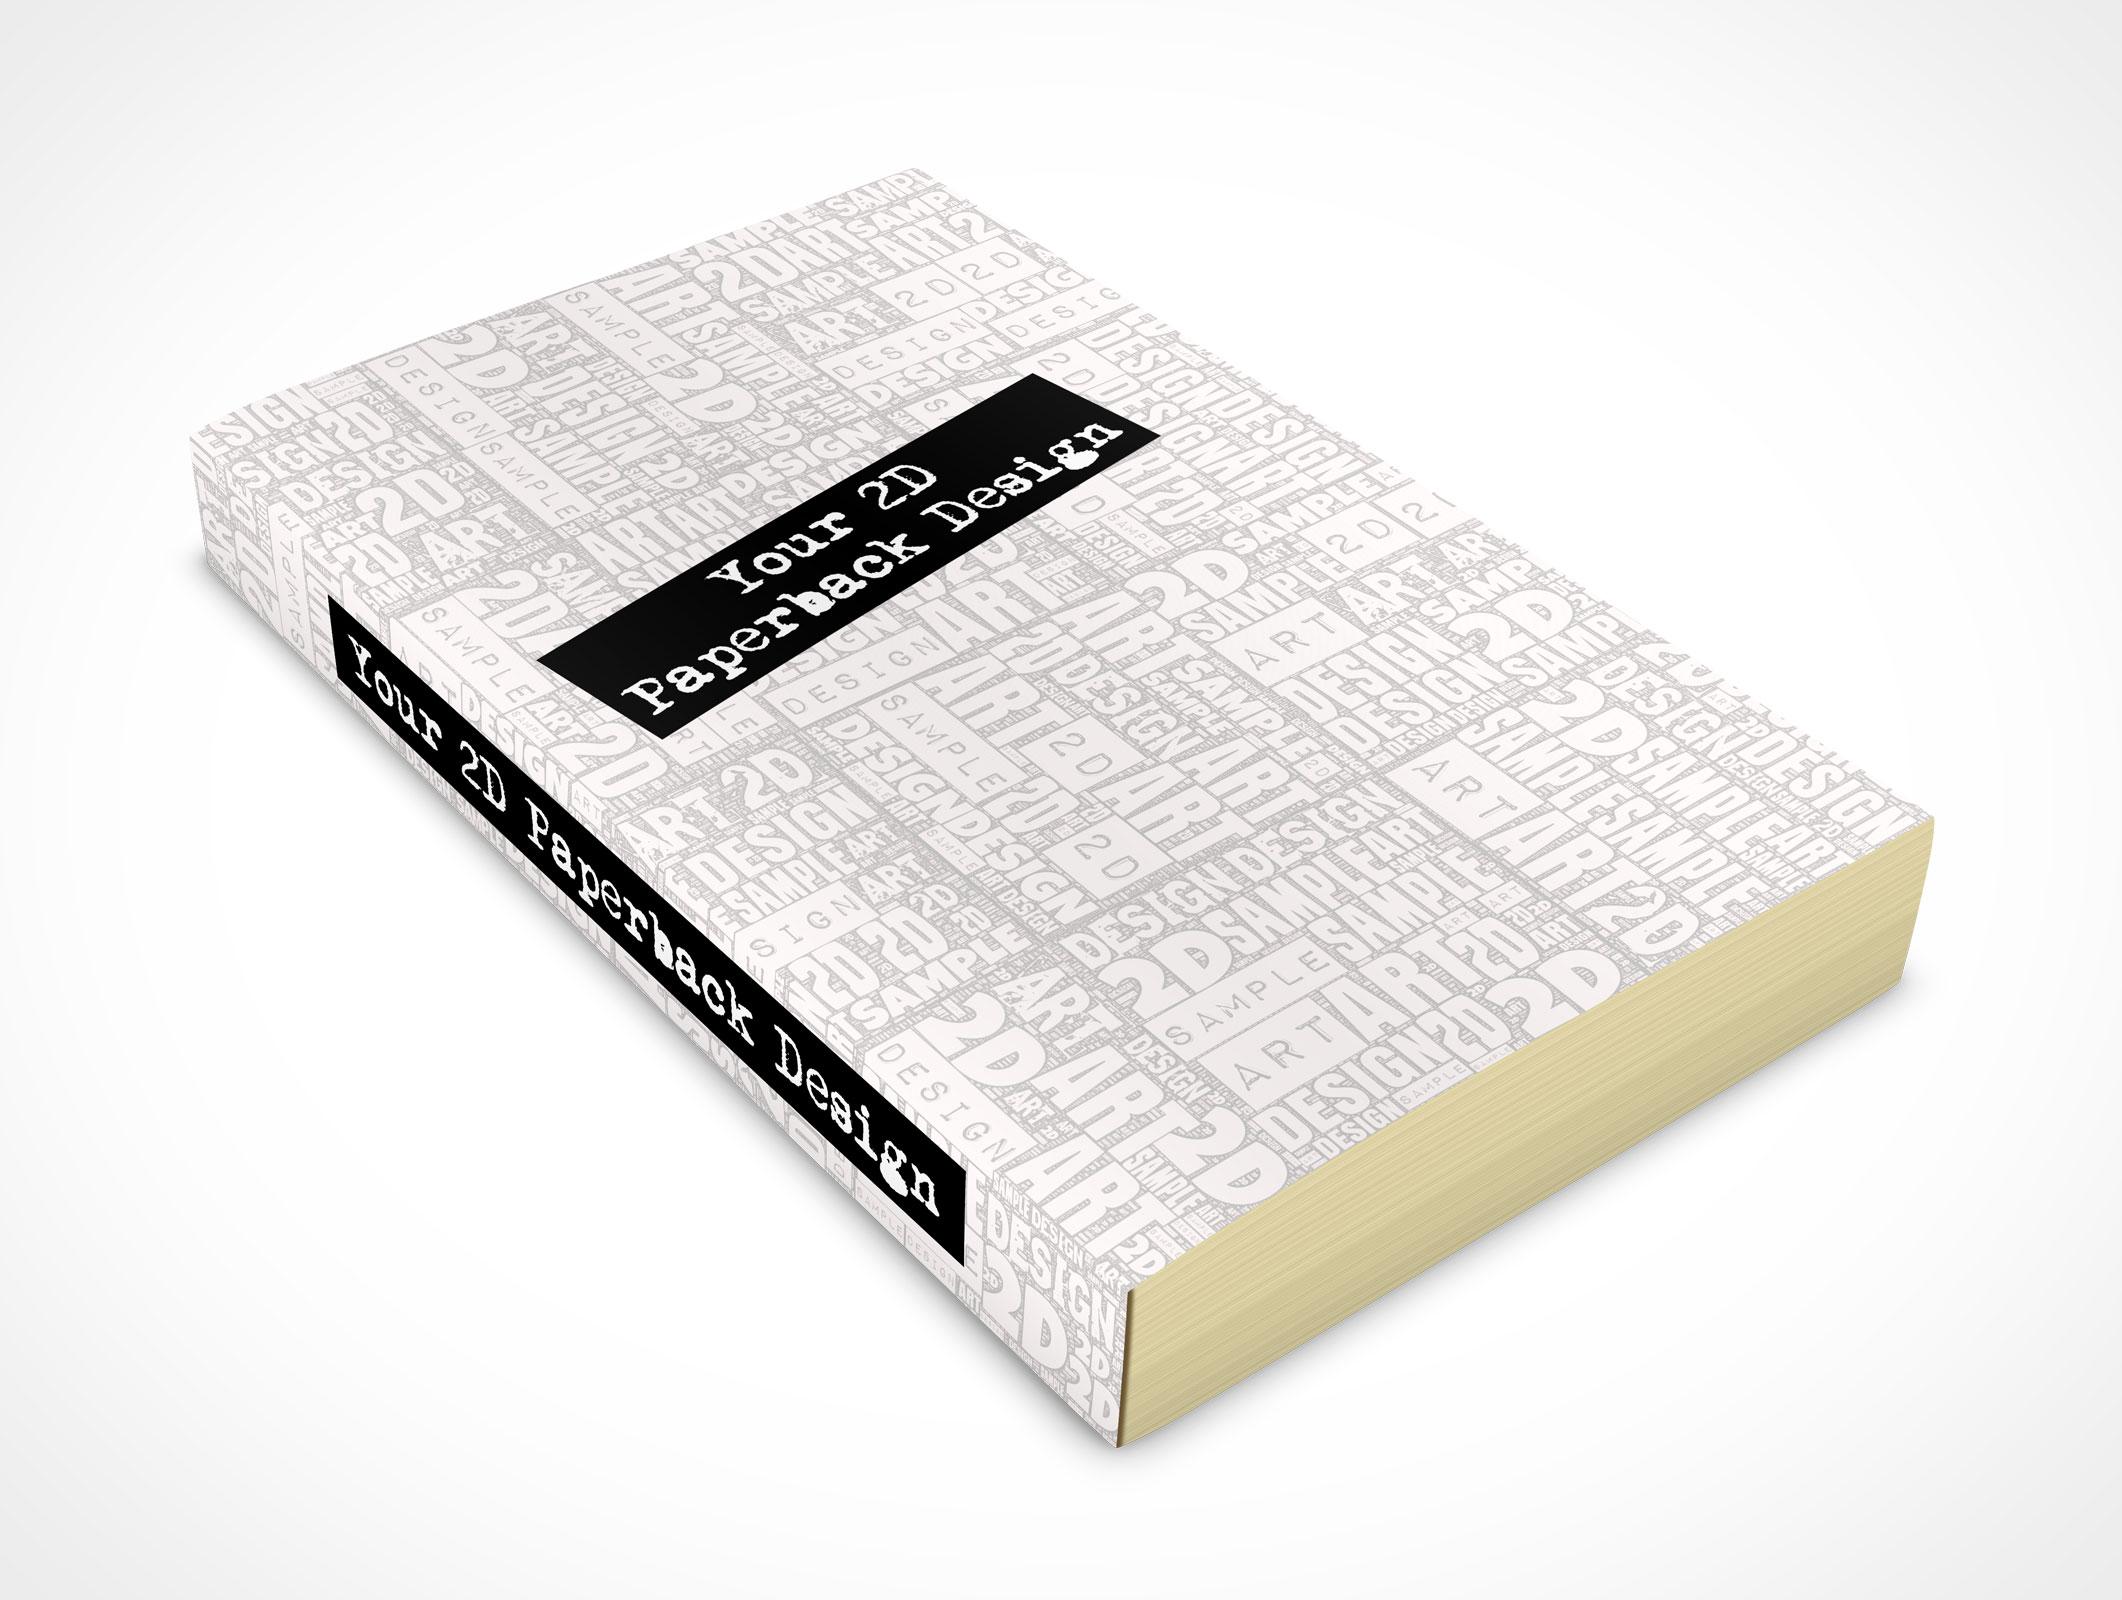 paperback009 market your psd mockups for paperback